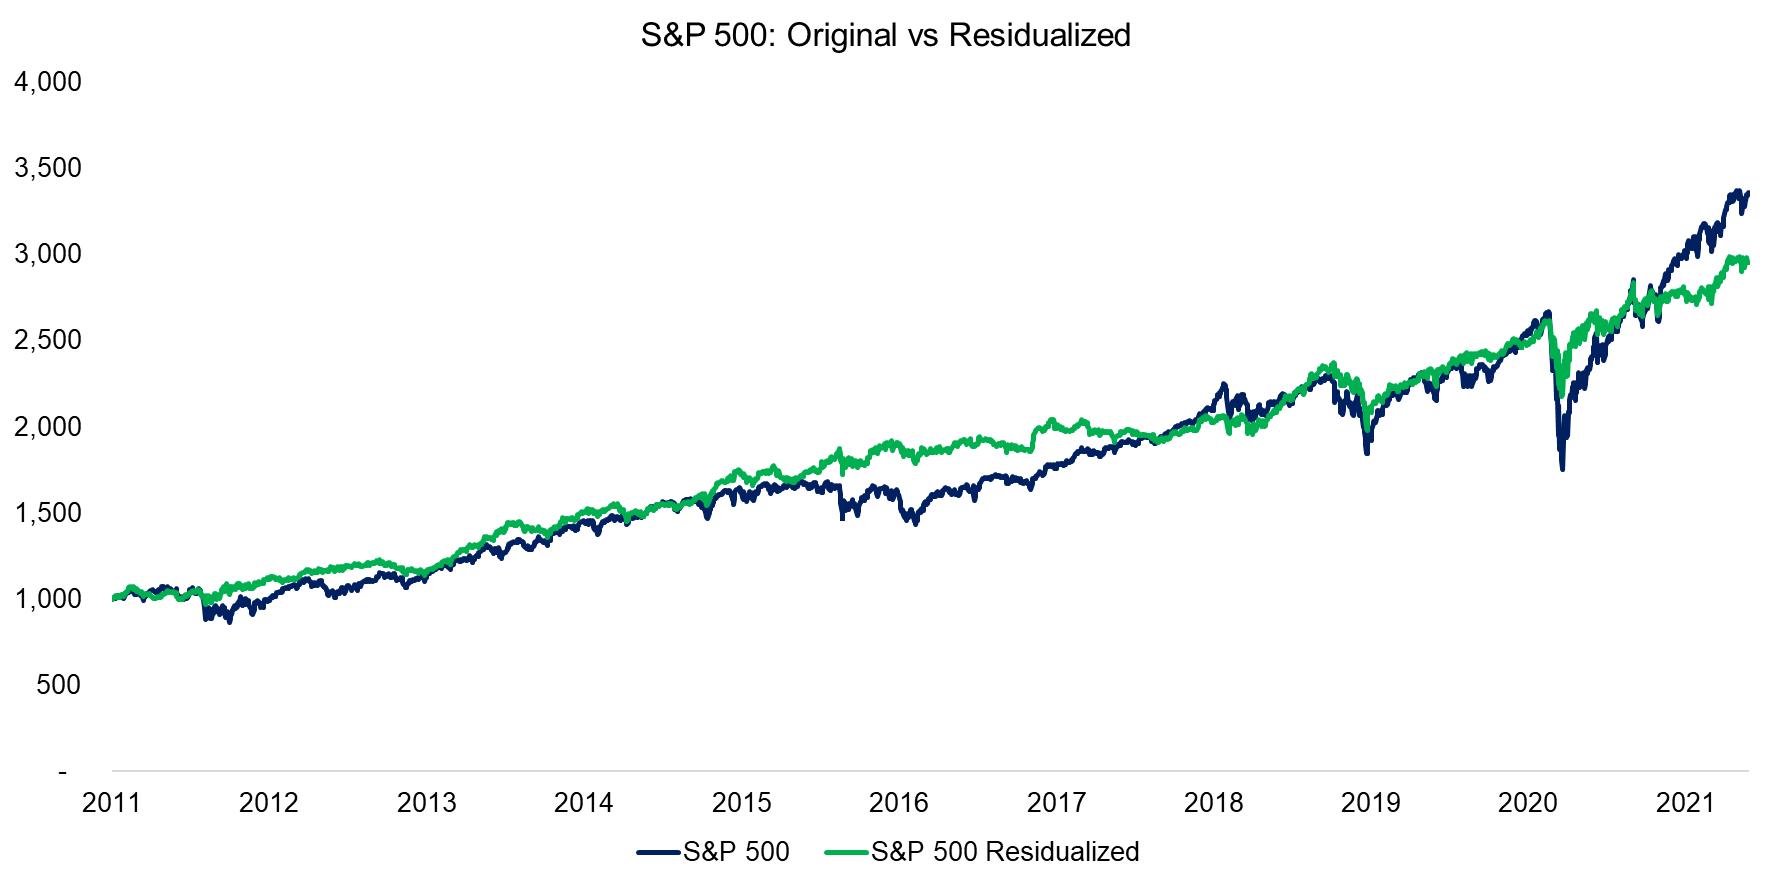 S&P 500 Original vs Residualized